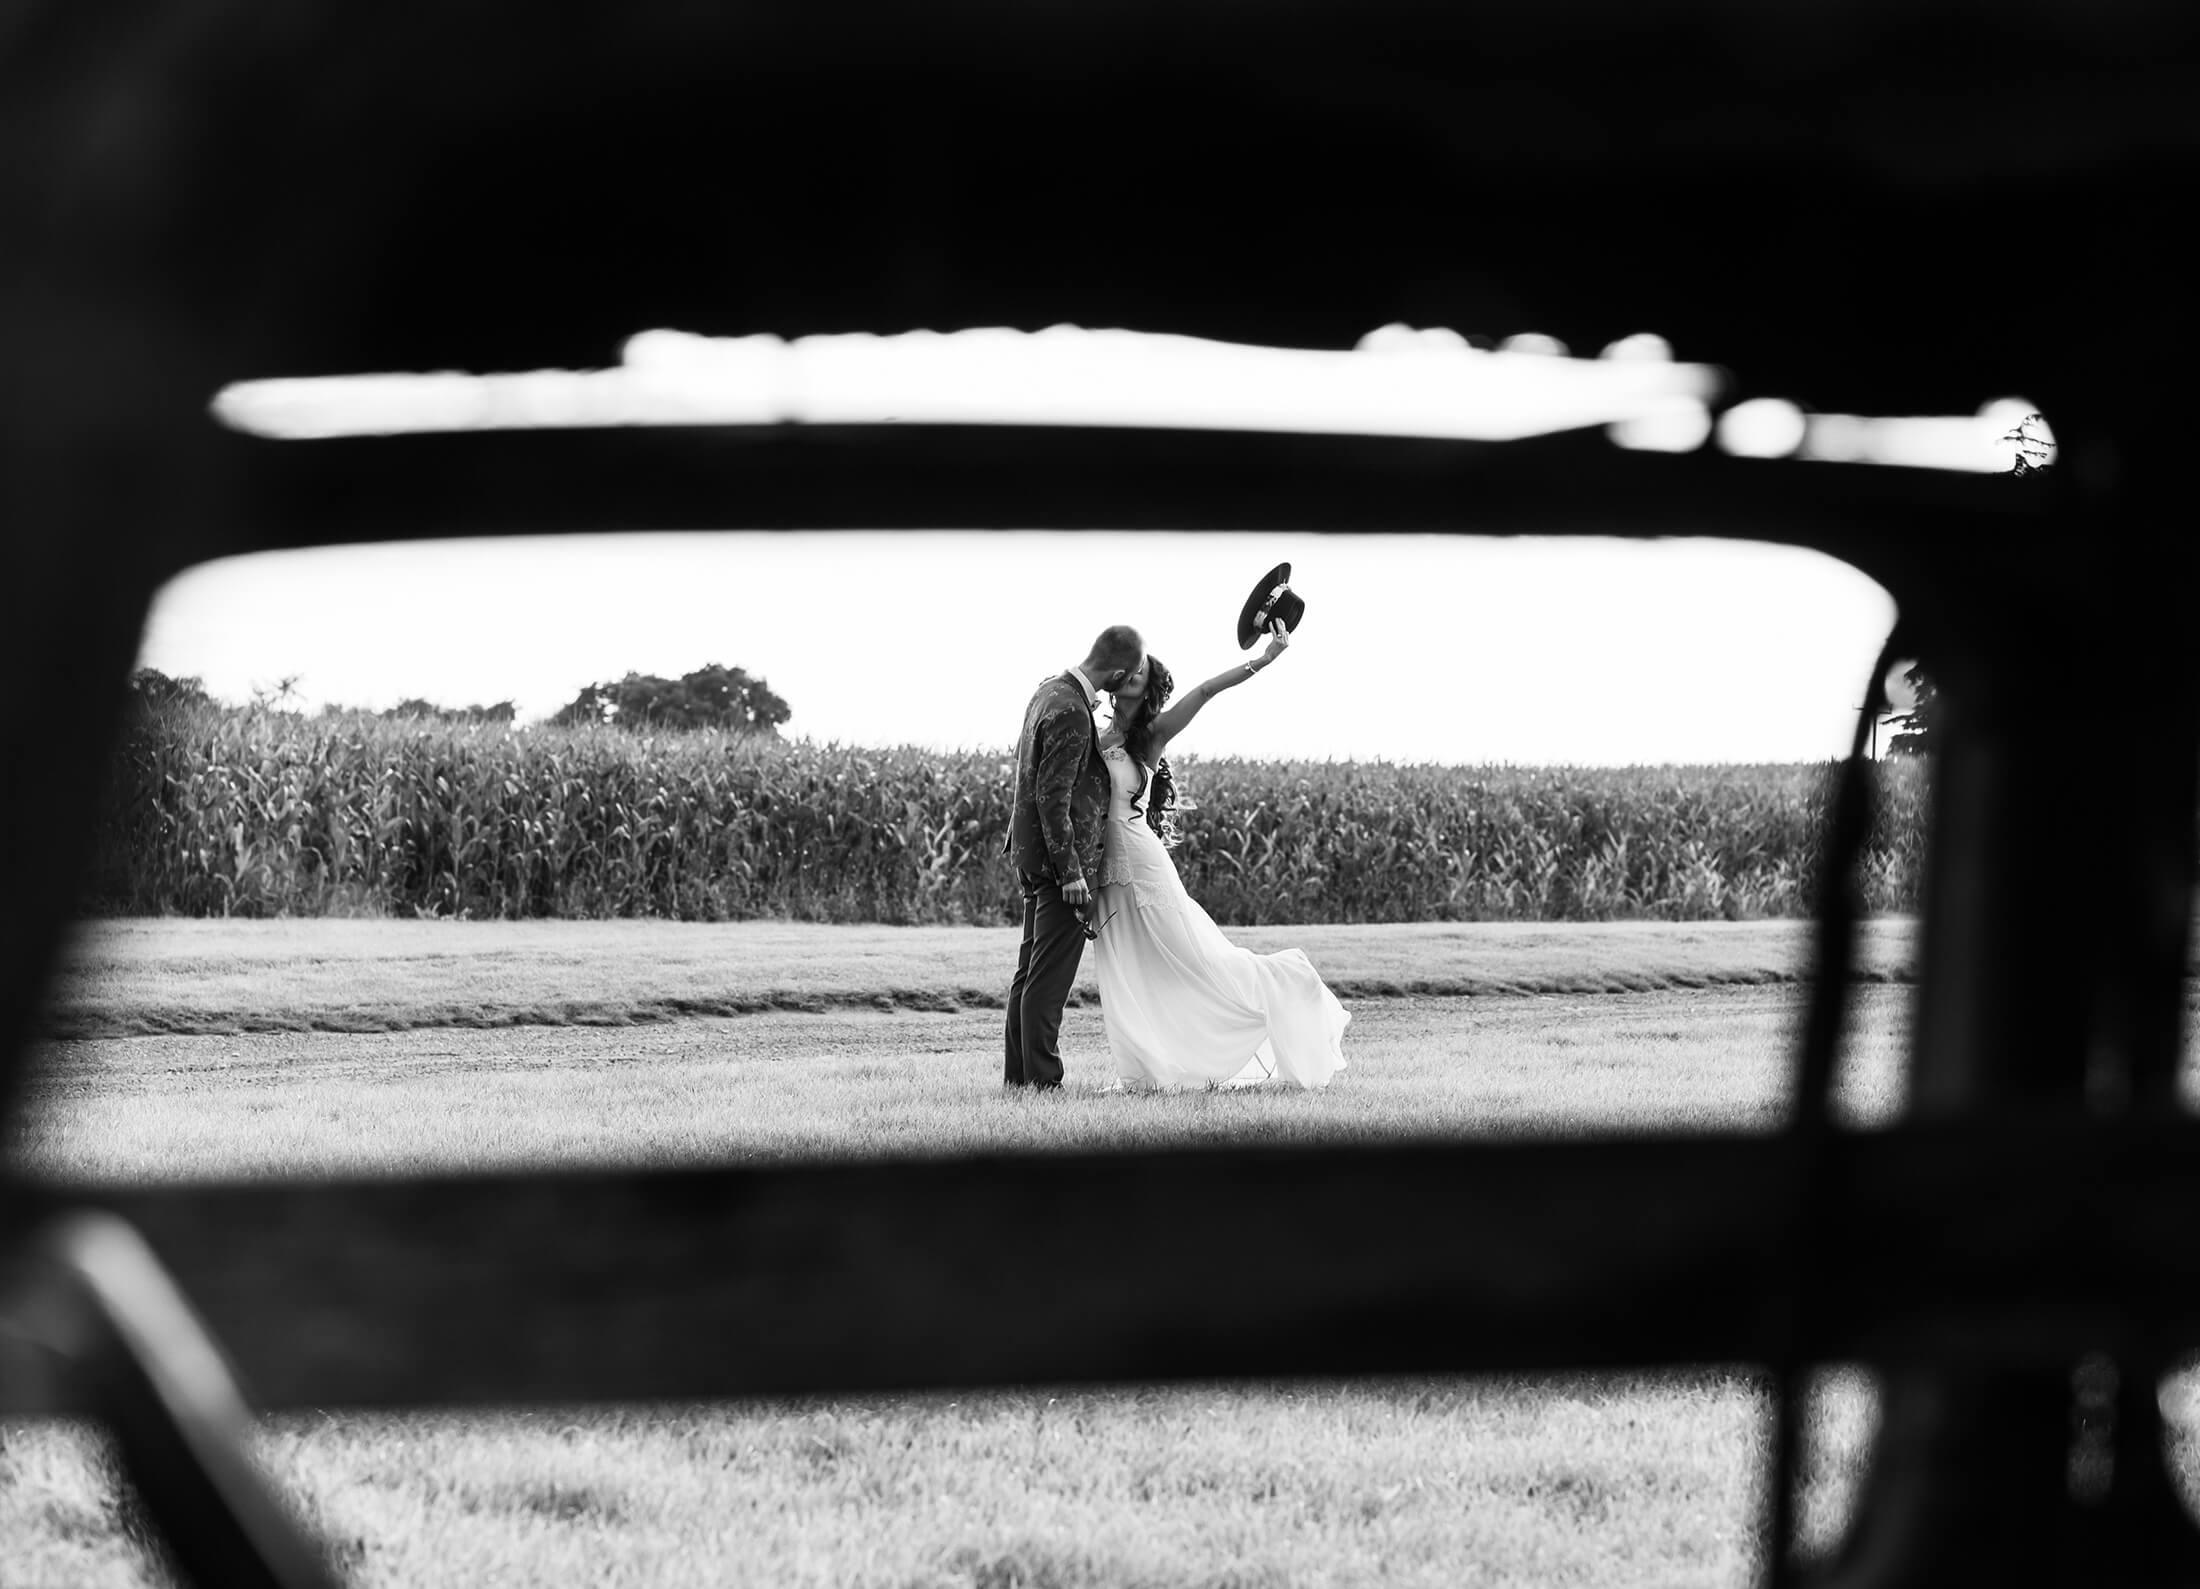 Alcumlow Wedding Barn Photographer – Darren & Laura